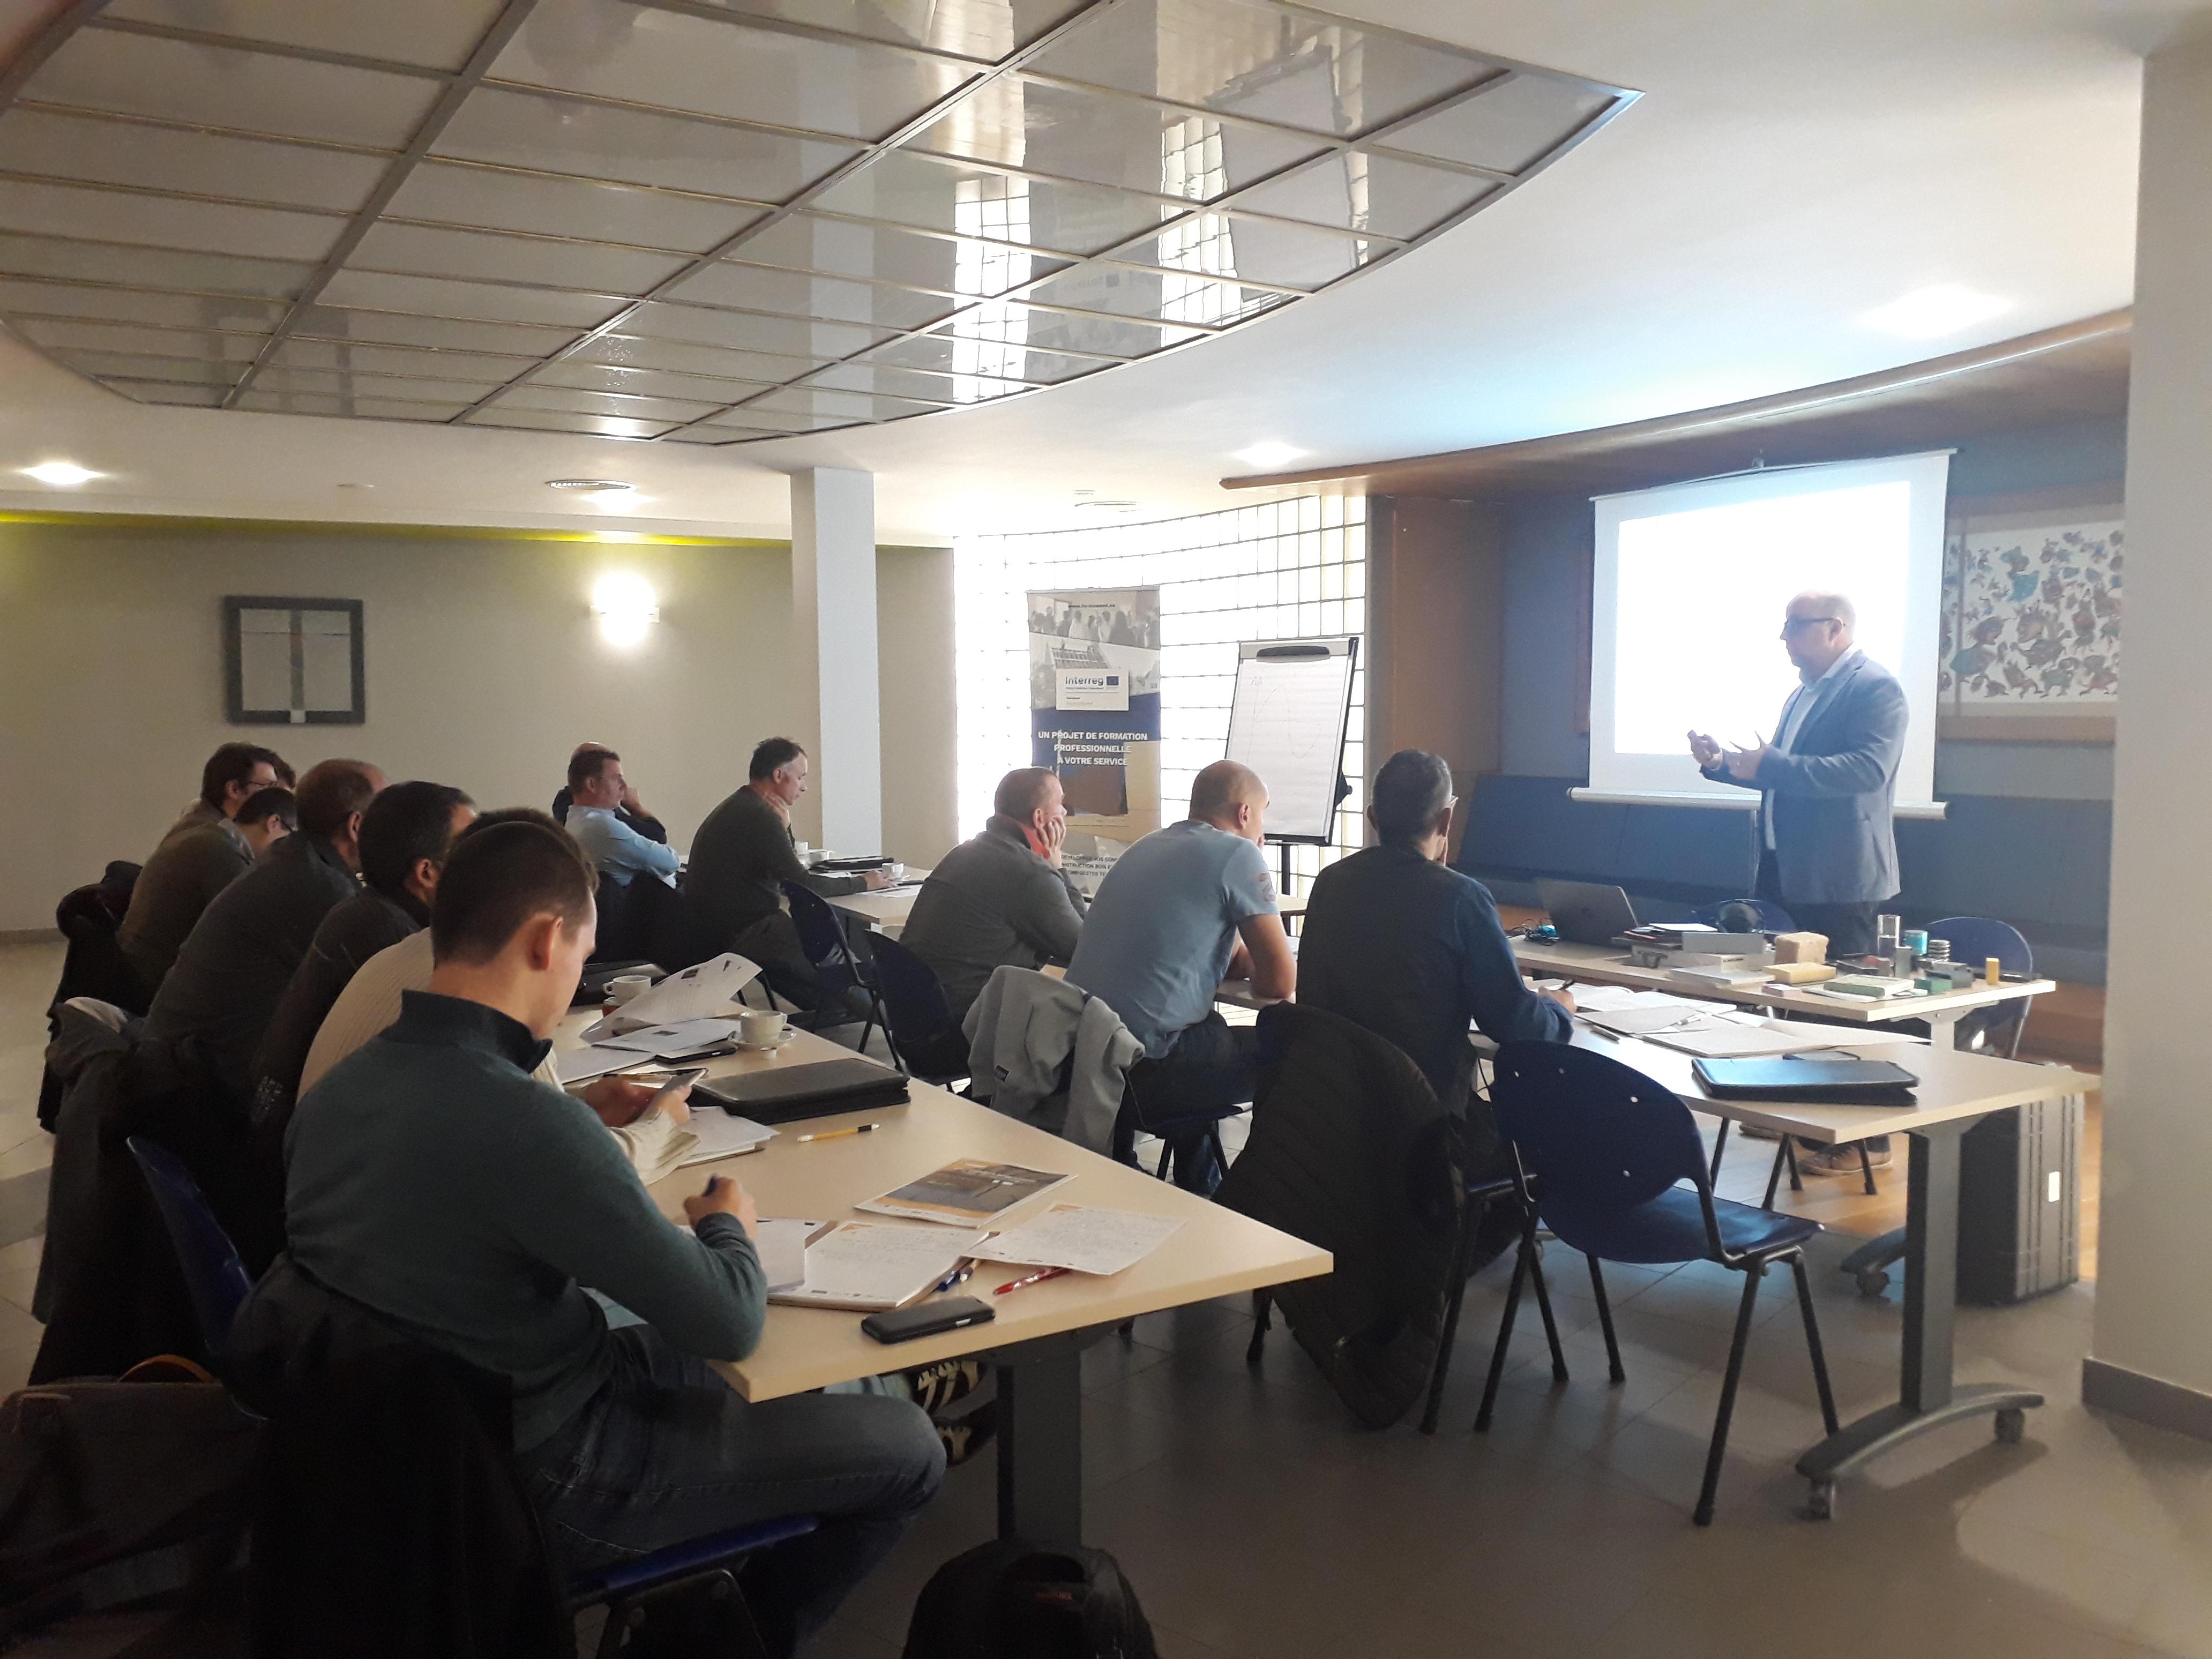 Retour sur la formation « L'isolation acoustique dans les bâtiments en bois » de ce 24 octobre à Charleroi